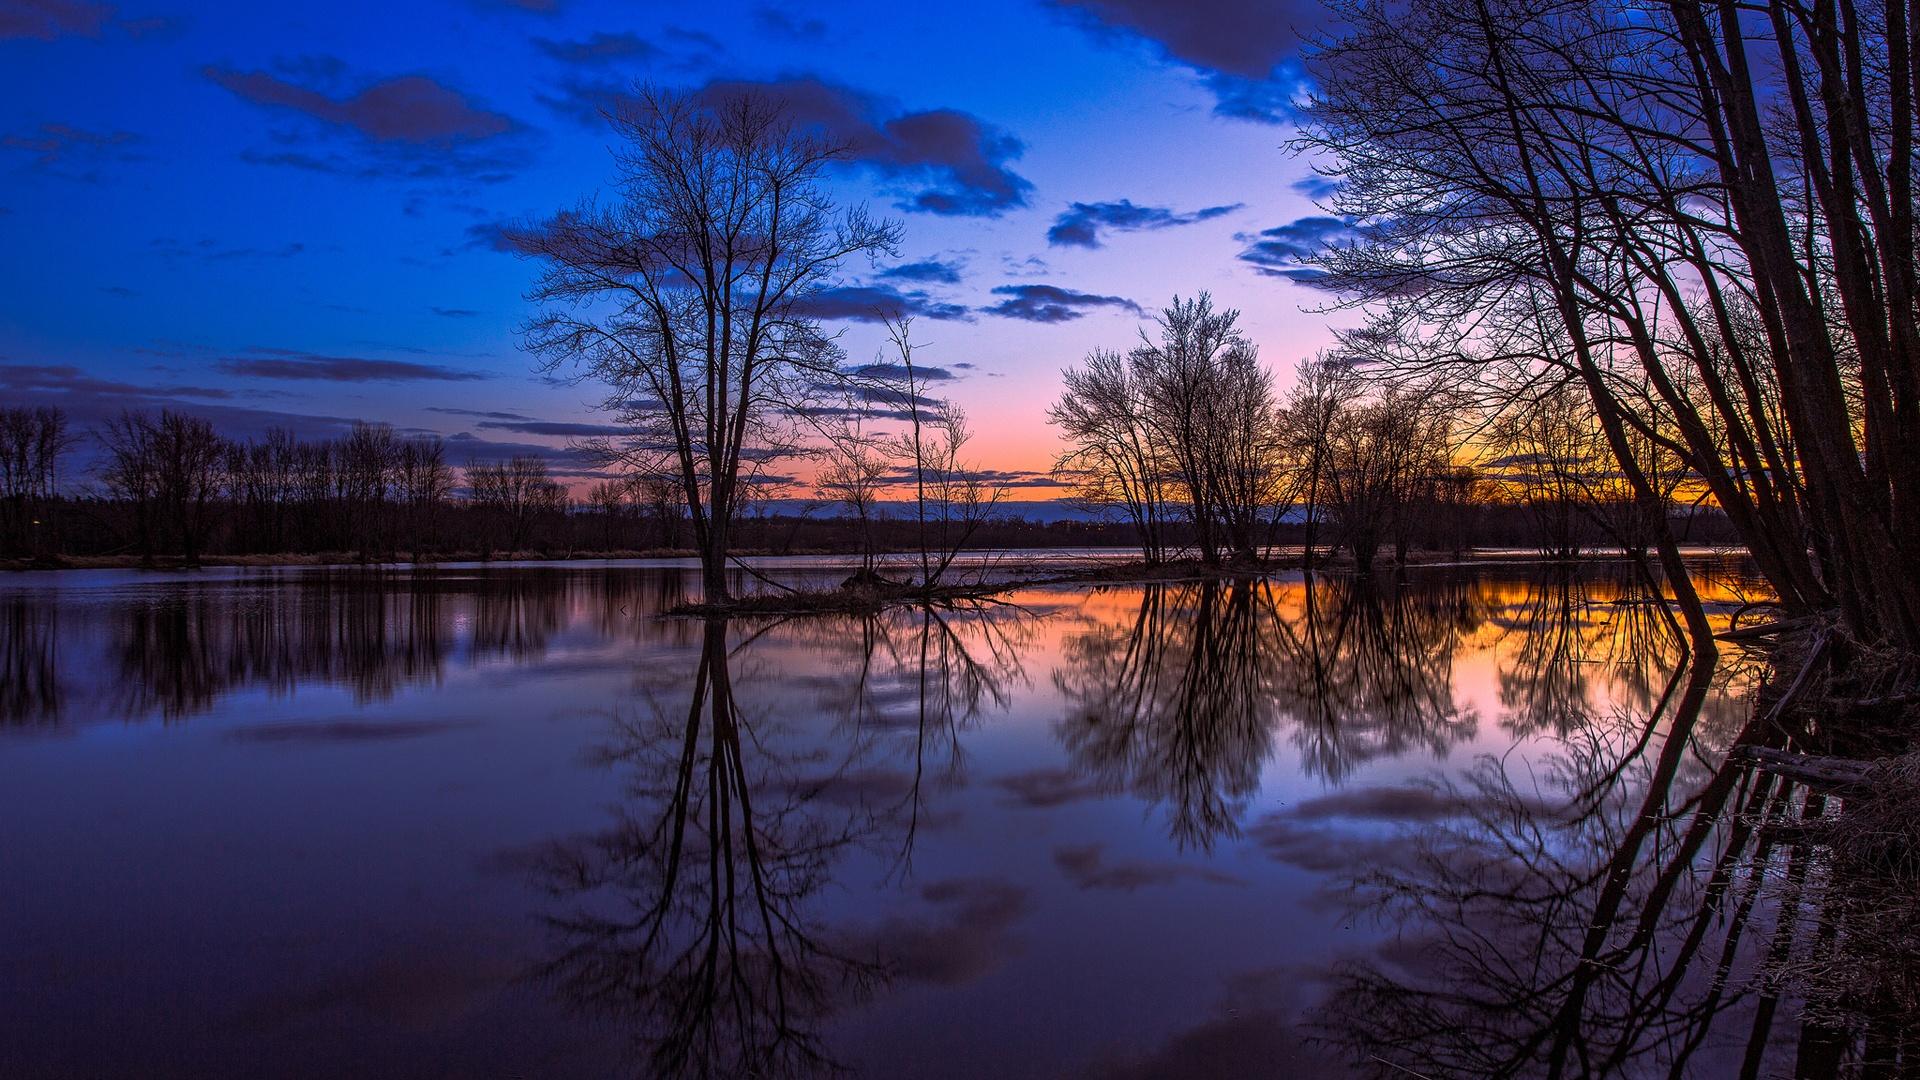 カナダオンタリオ州 湖の反射 木 夕日 美しい風景 640x1136 Iphone 5 5s 5c Se 壁紙 背景 画像